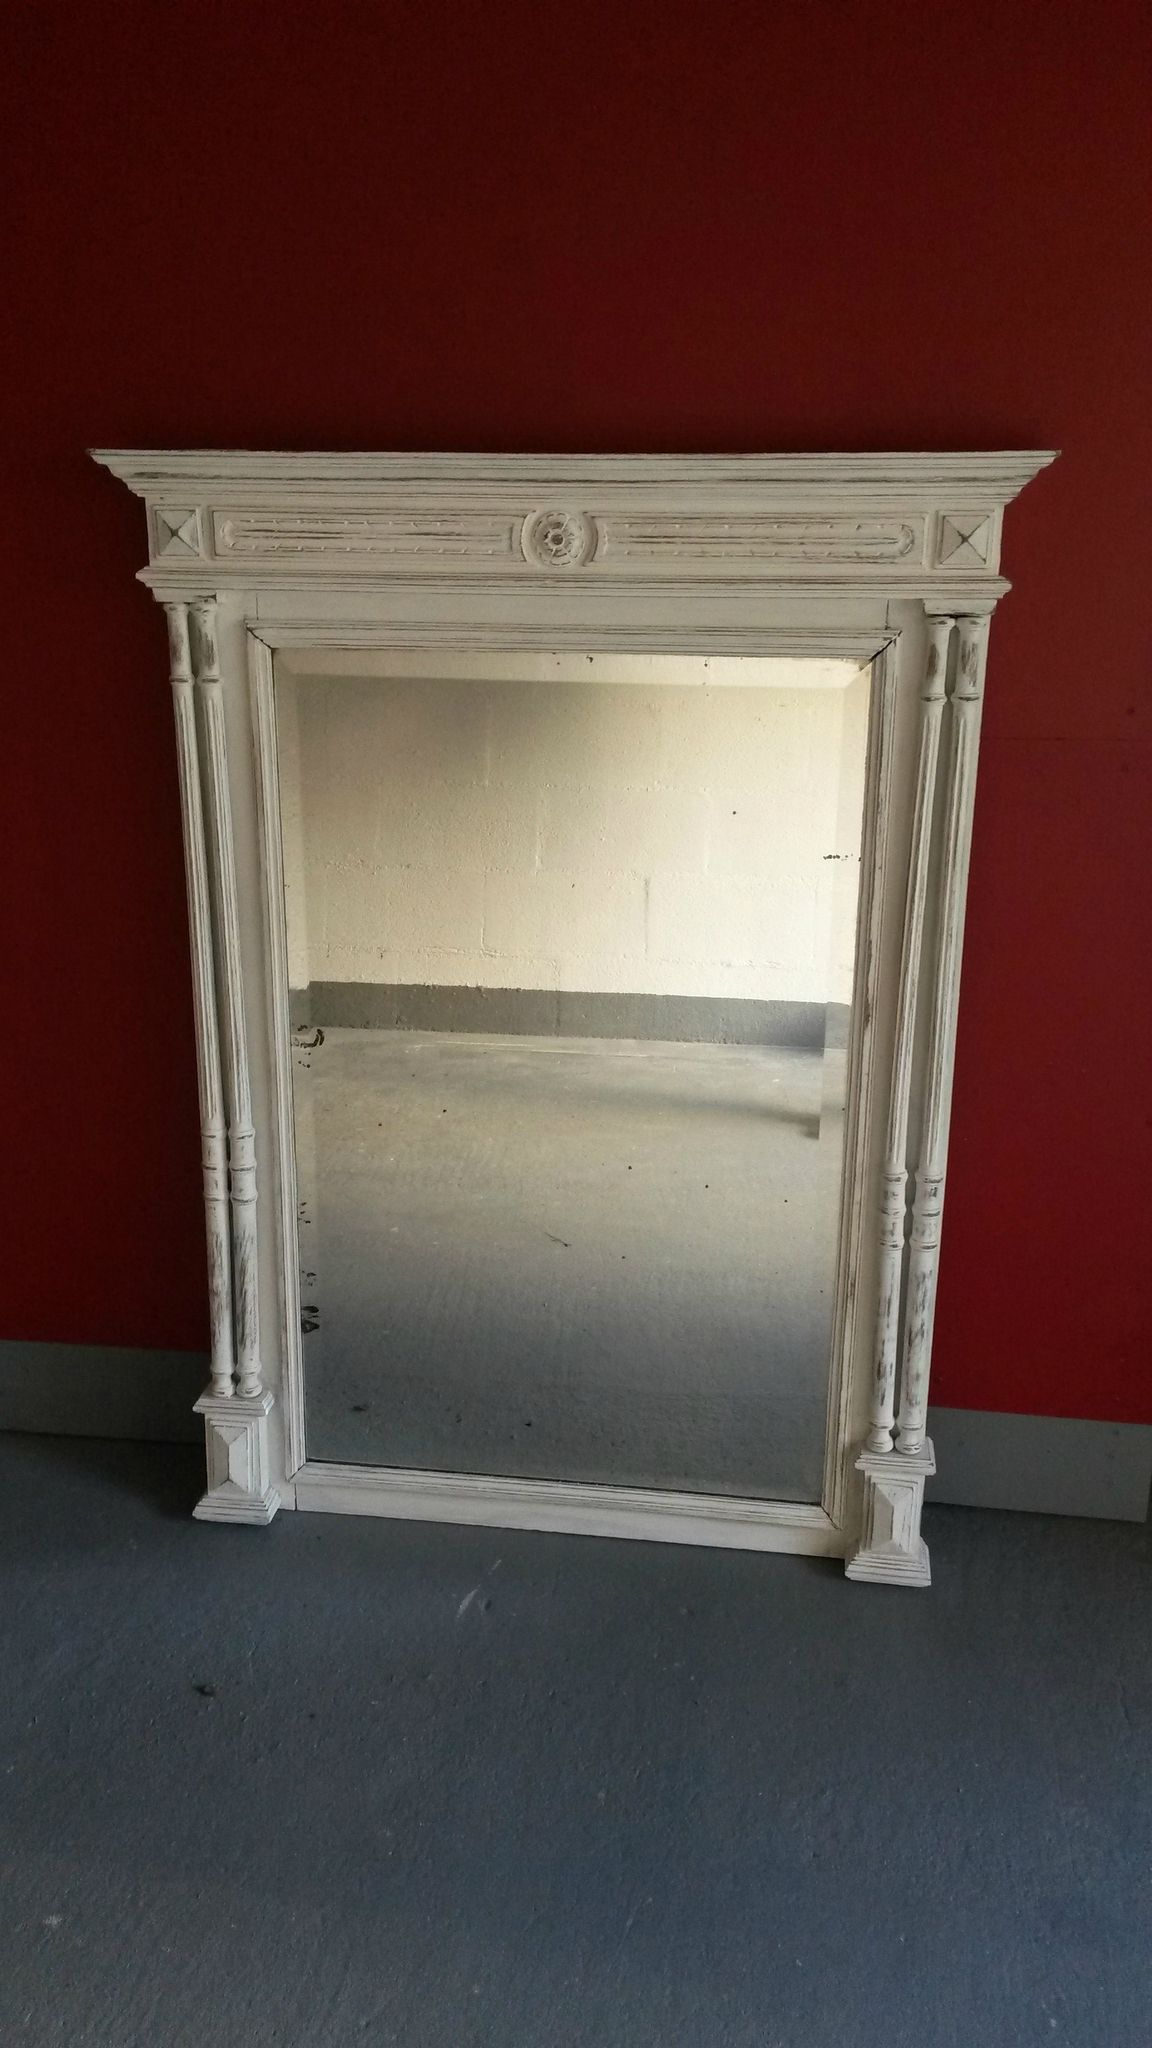 Miroir Ancien Relooké Avec Une Patine Blanche Et Vieilli avec Meuble Lingere